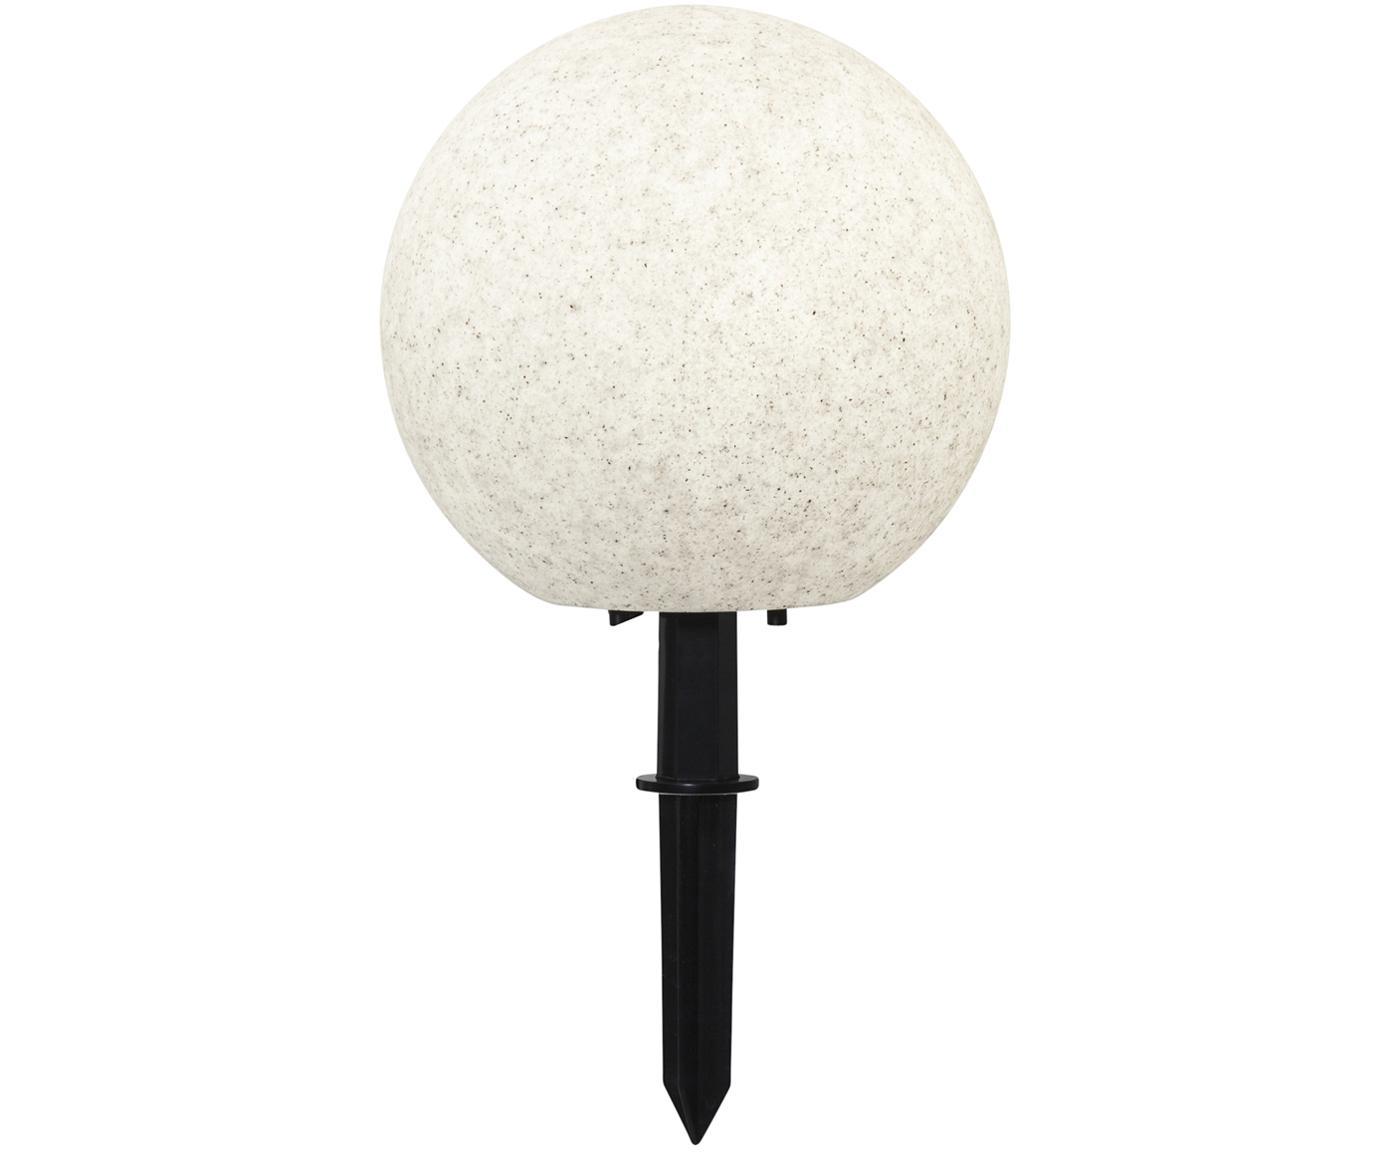 Lámpara LED de exterior Gardenlight, Plástico, Blanco, negro, Ø 29 x Al 30 cm